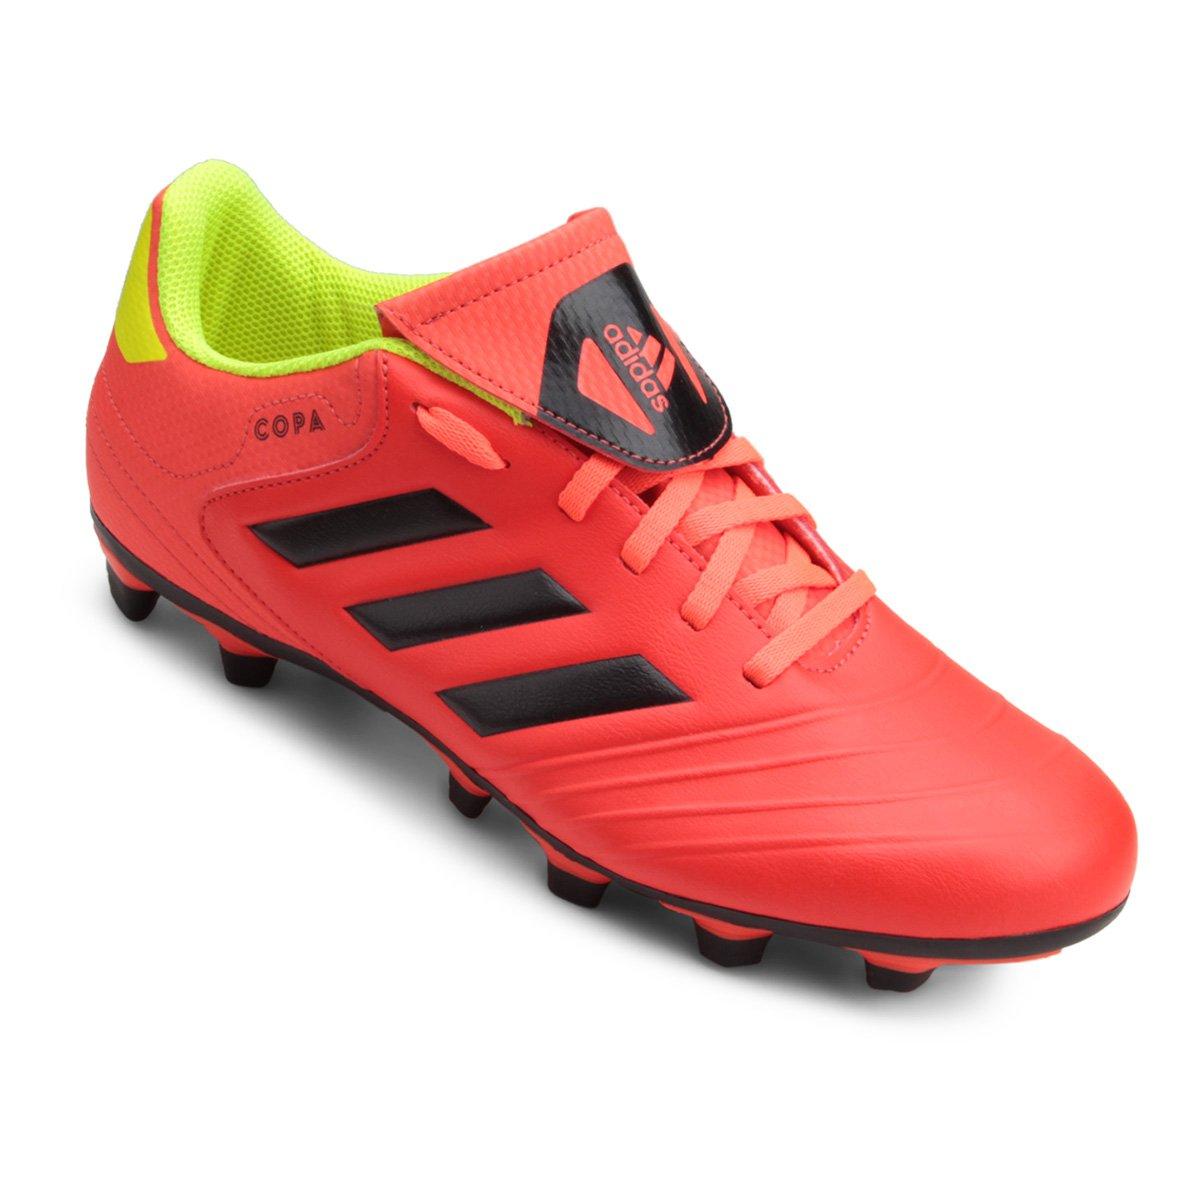 Chuteira Campo Adidas Copa 18 4 FG - Vermelho e Preto - Compre Agora ... f83615620fd3b